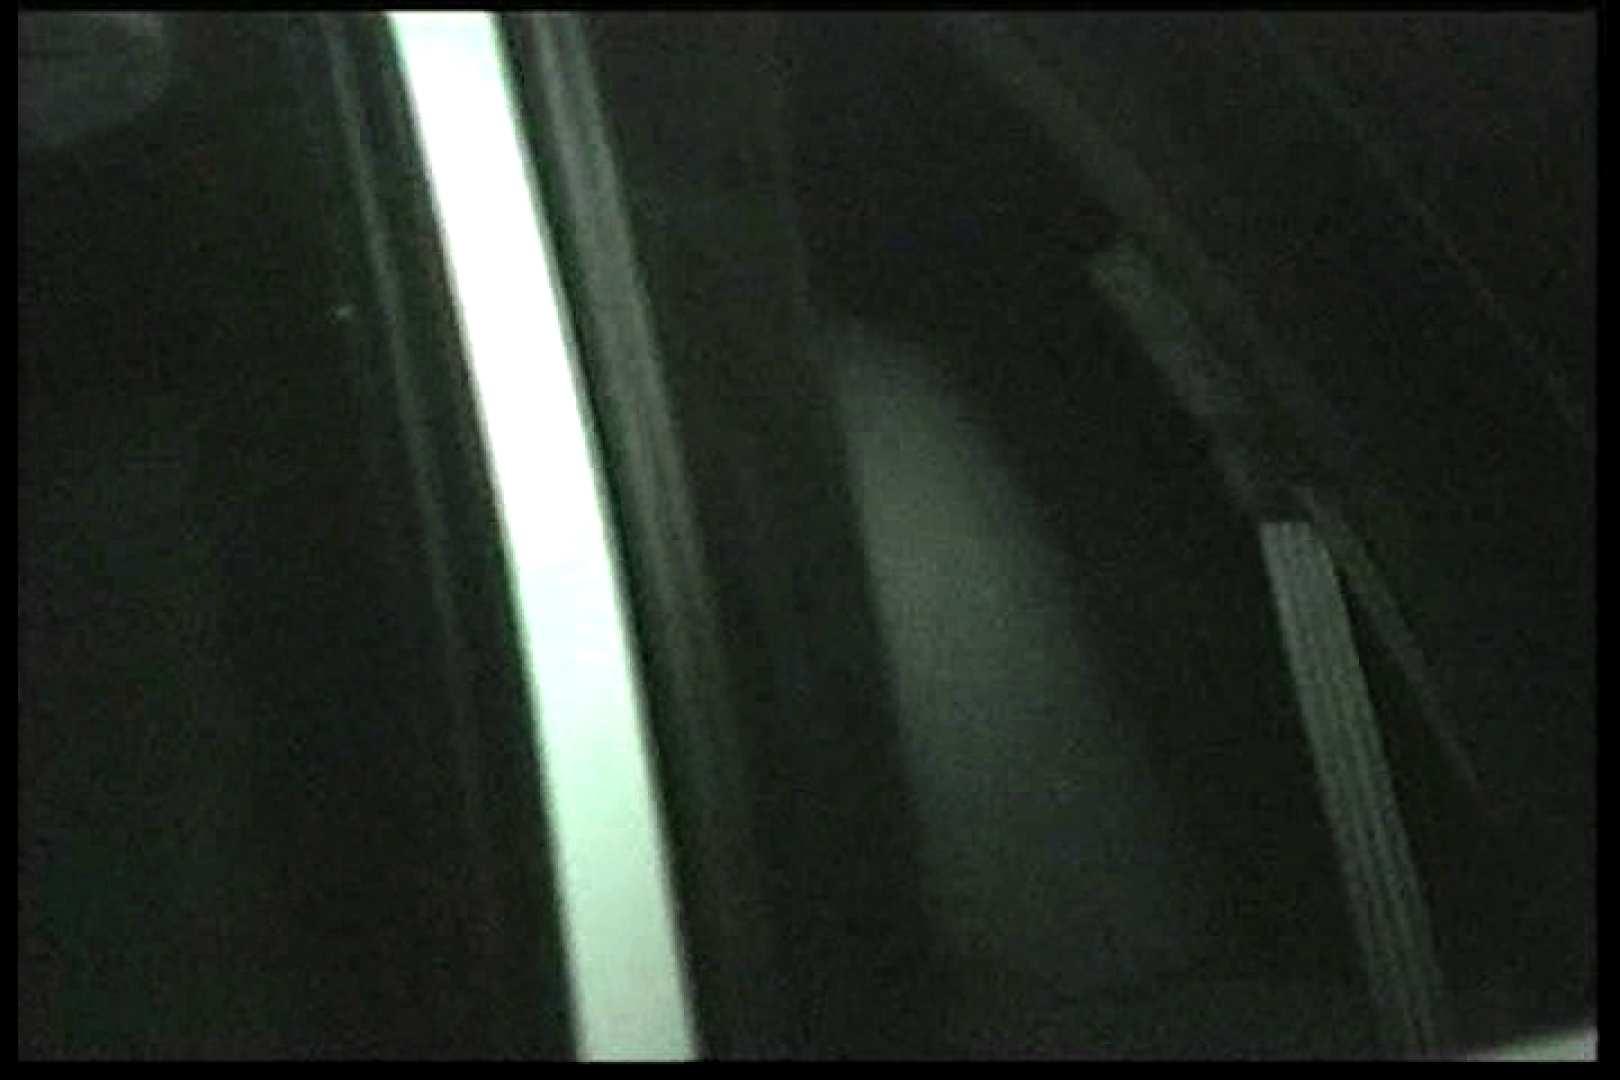 車の中はラブホテル 無修正版  Vol.14 OLの実態 覗きワレメ動画紹介 87pic 86